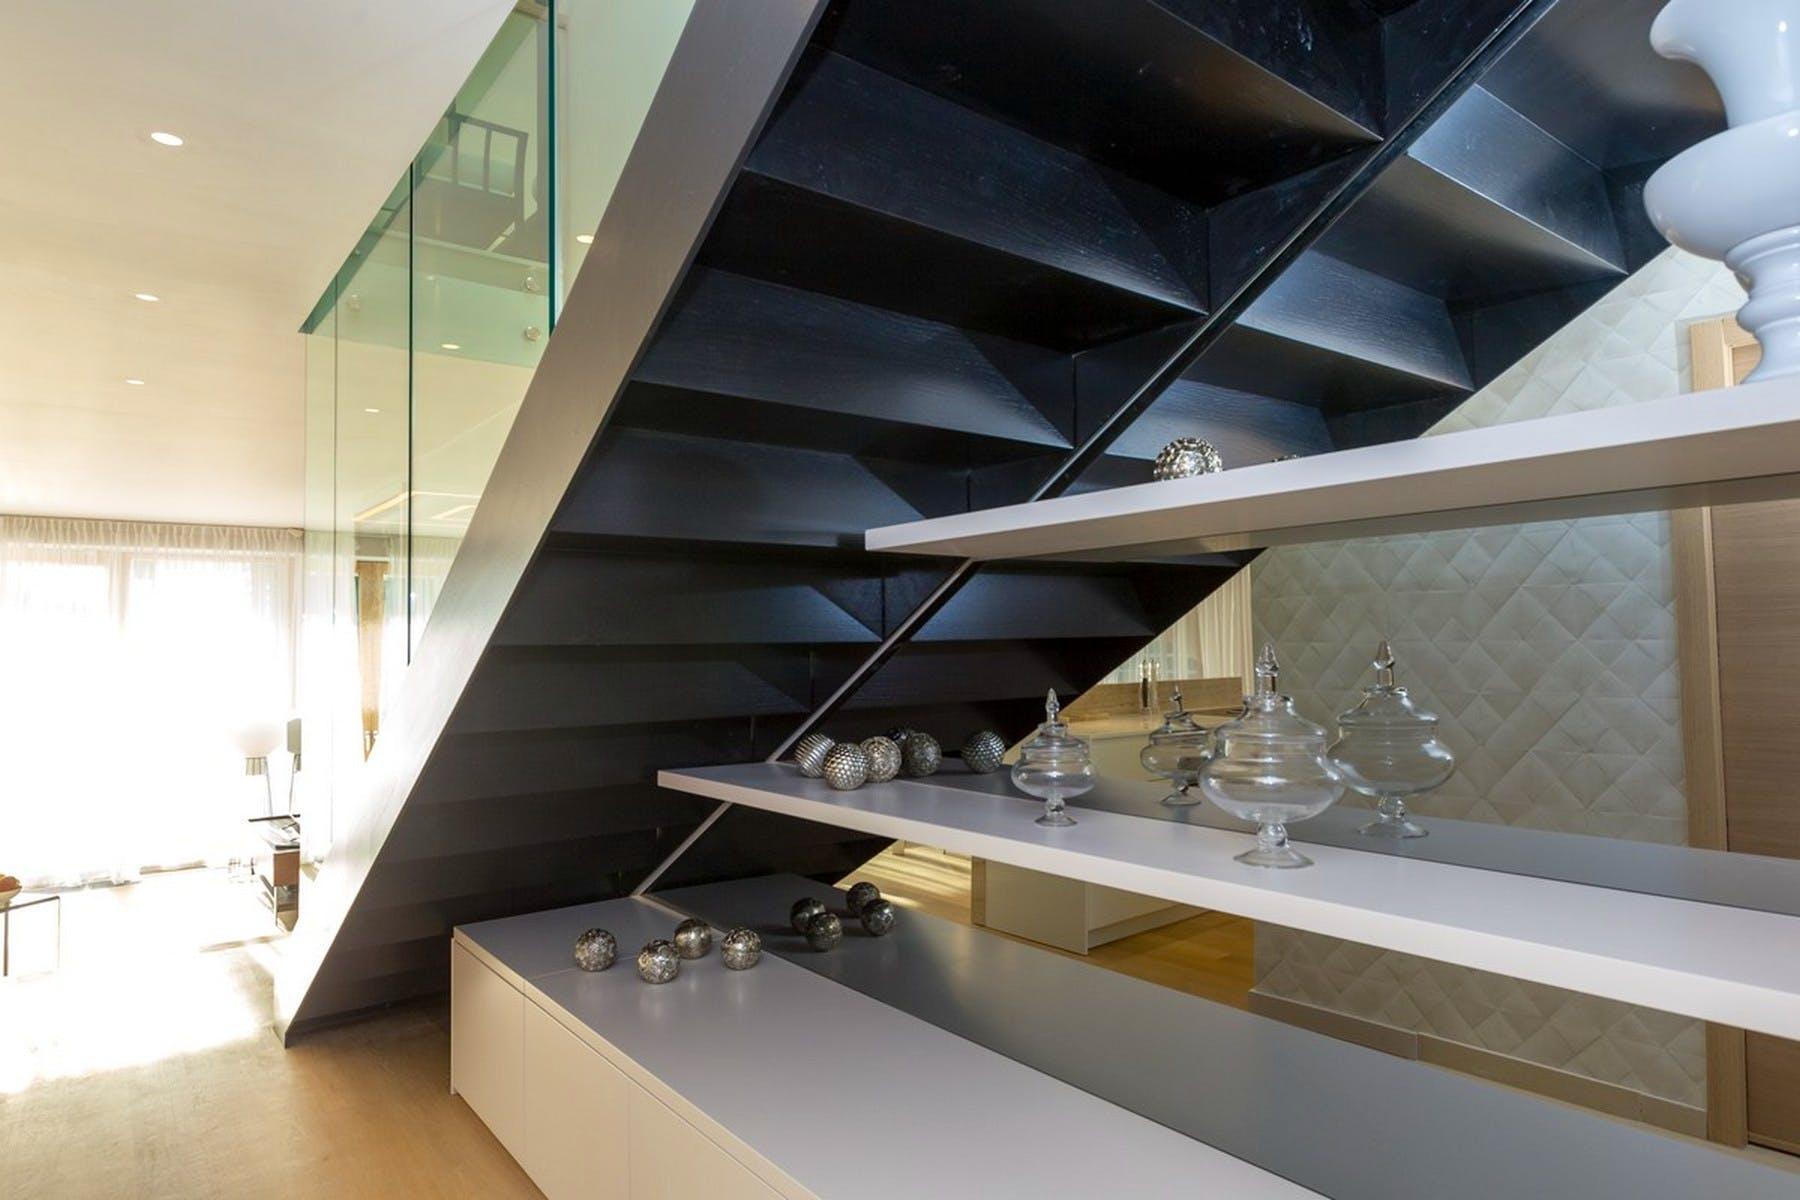 Indoor steps